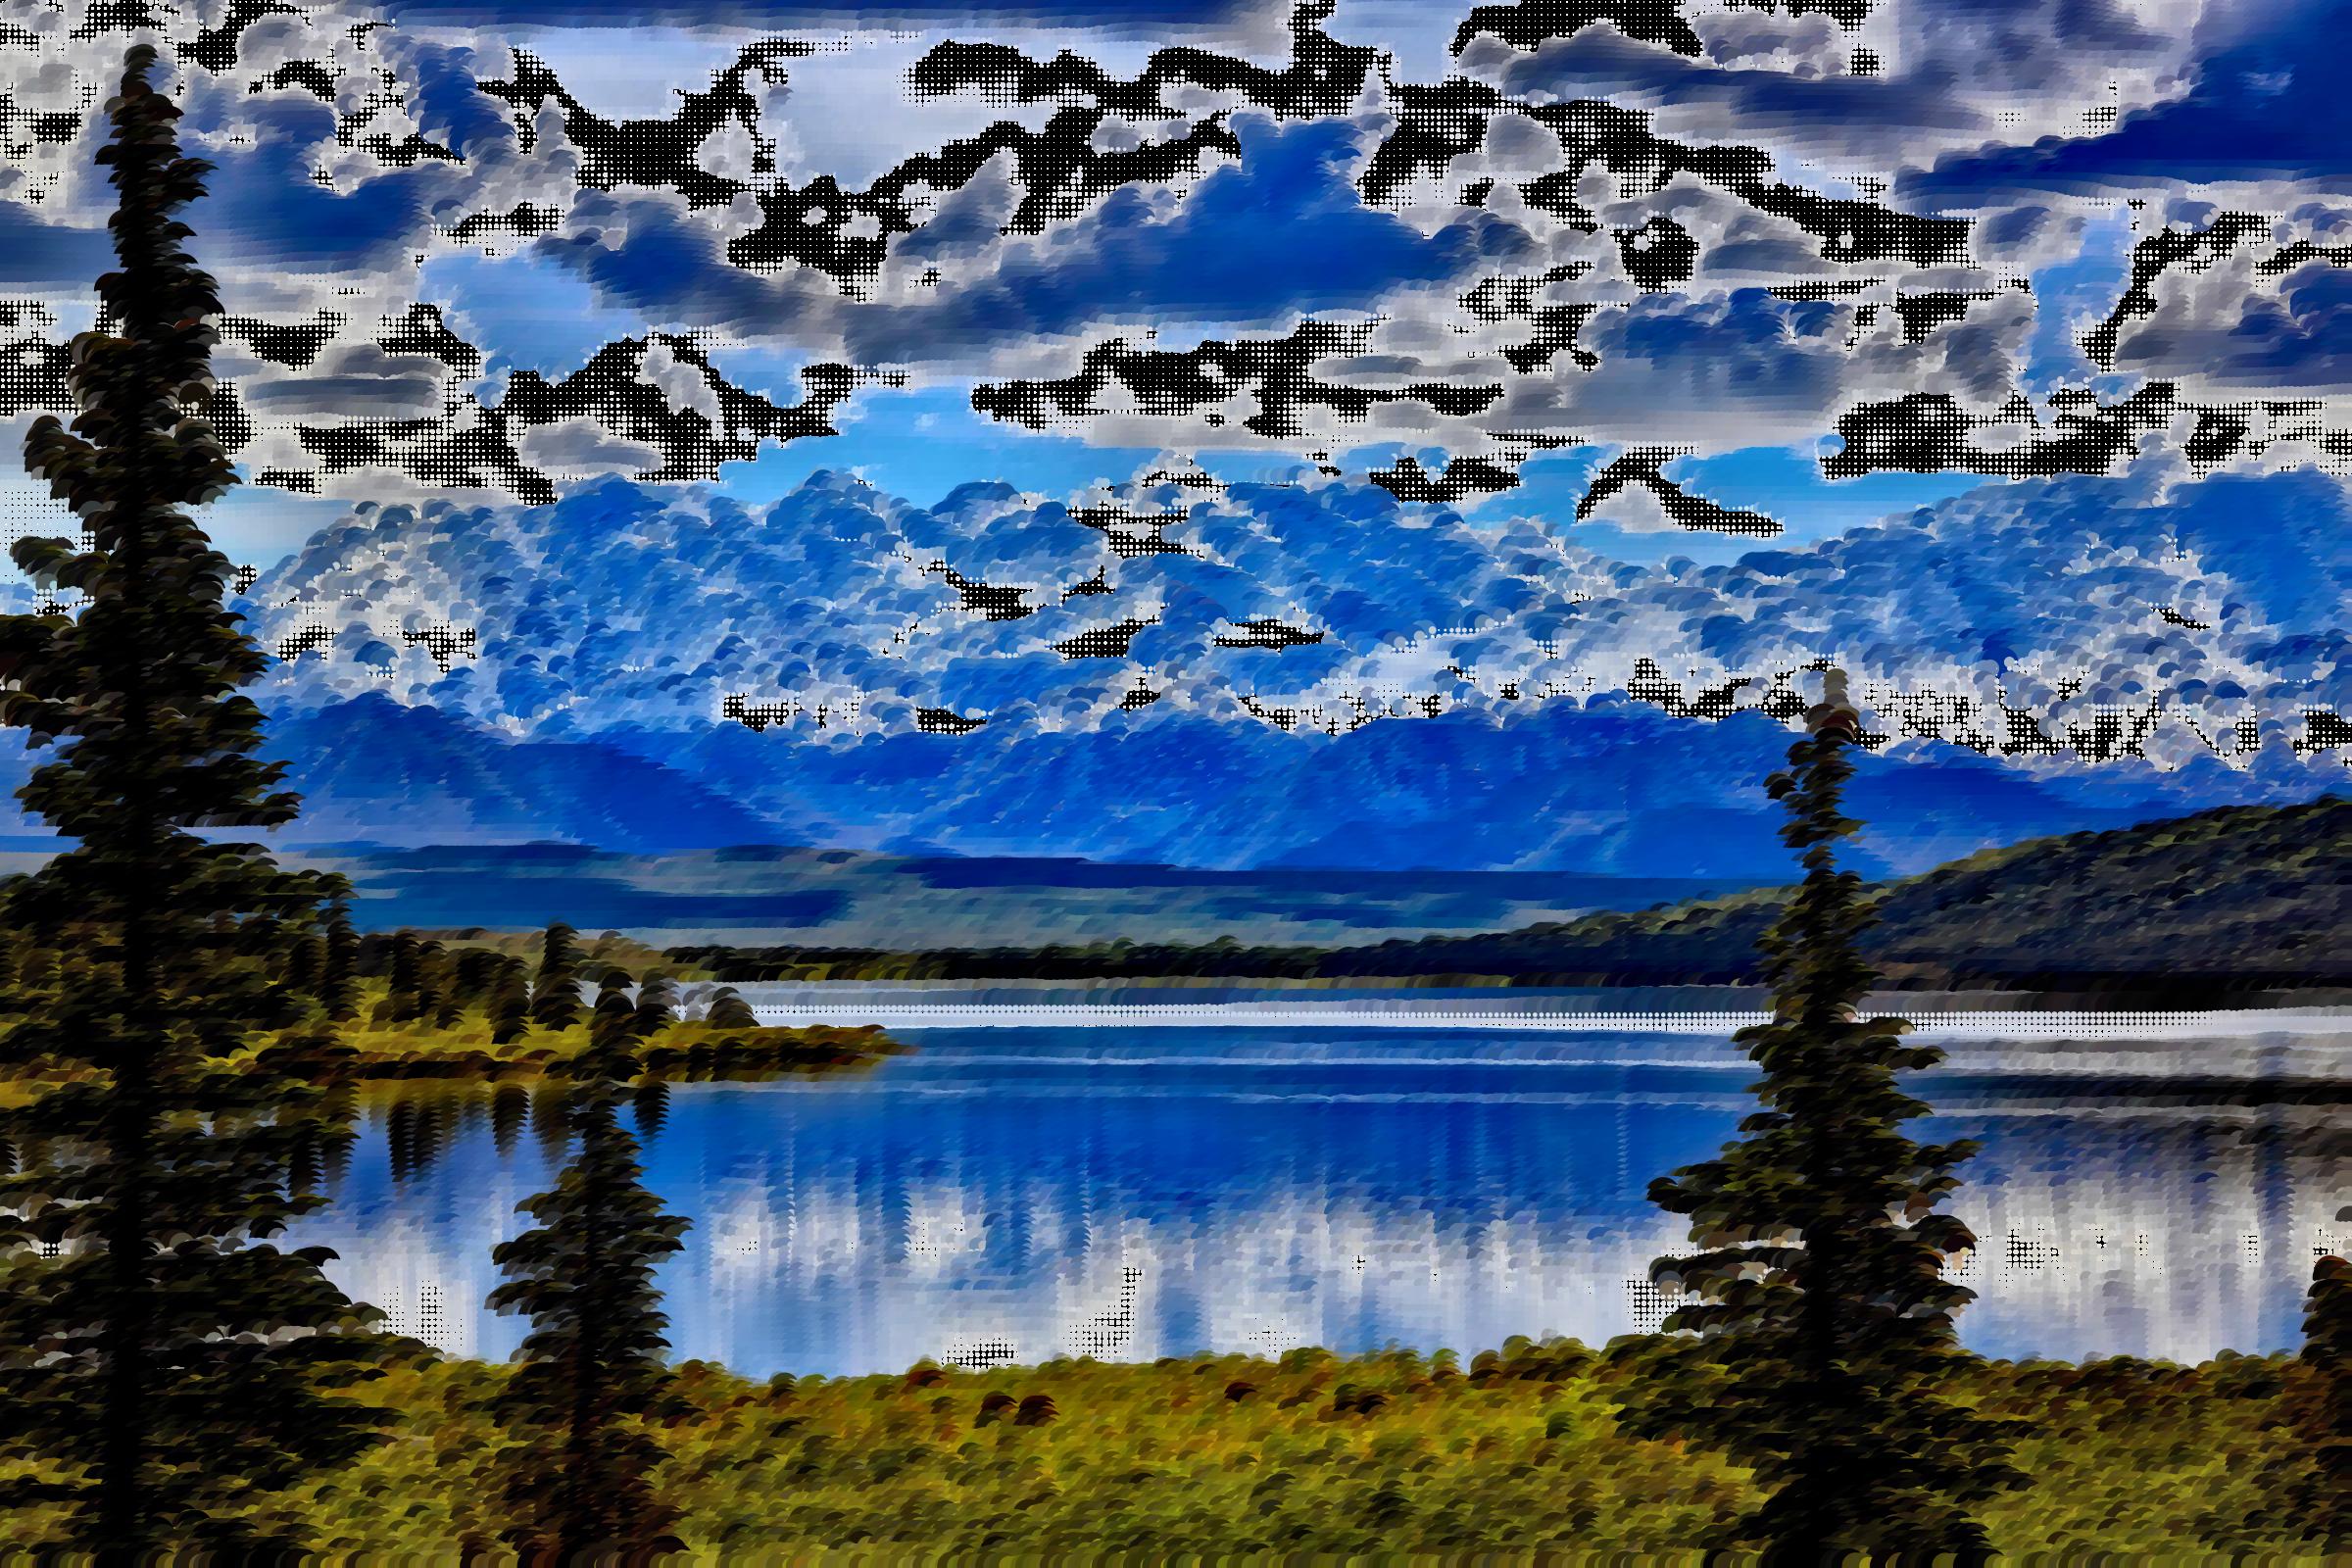 Surreal denali national park. Lake clipart natural environment